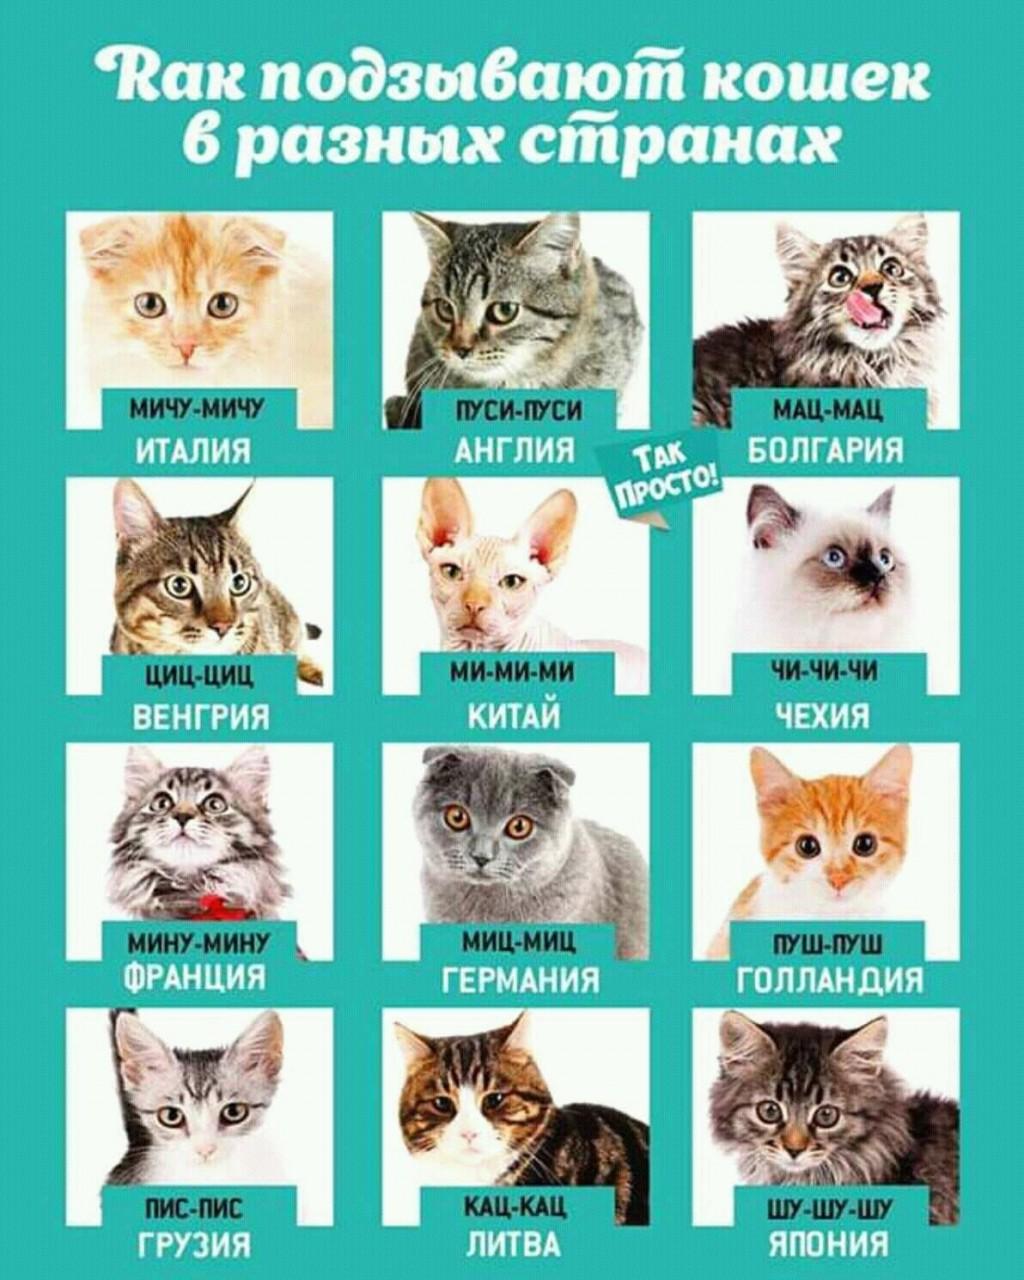 Котики разных стран